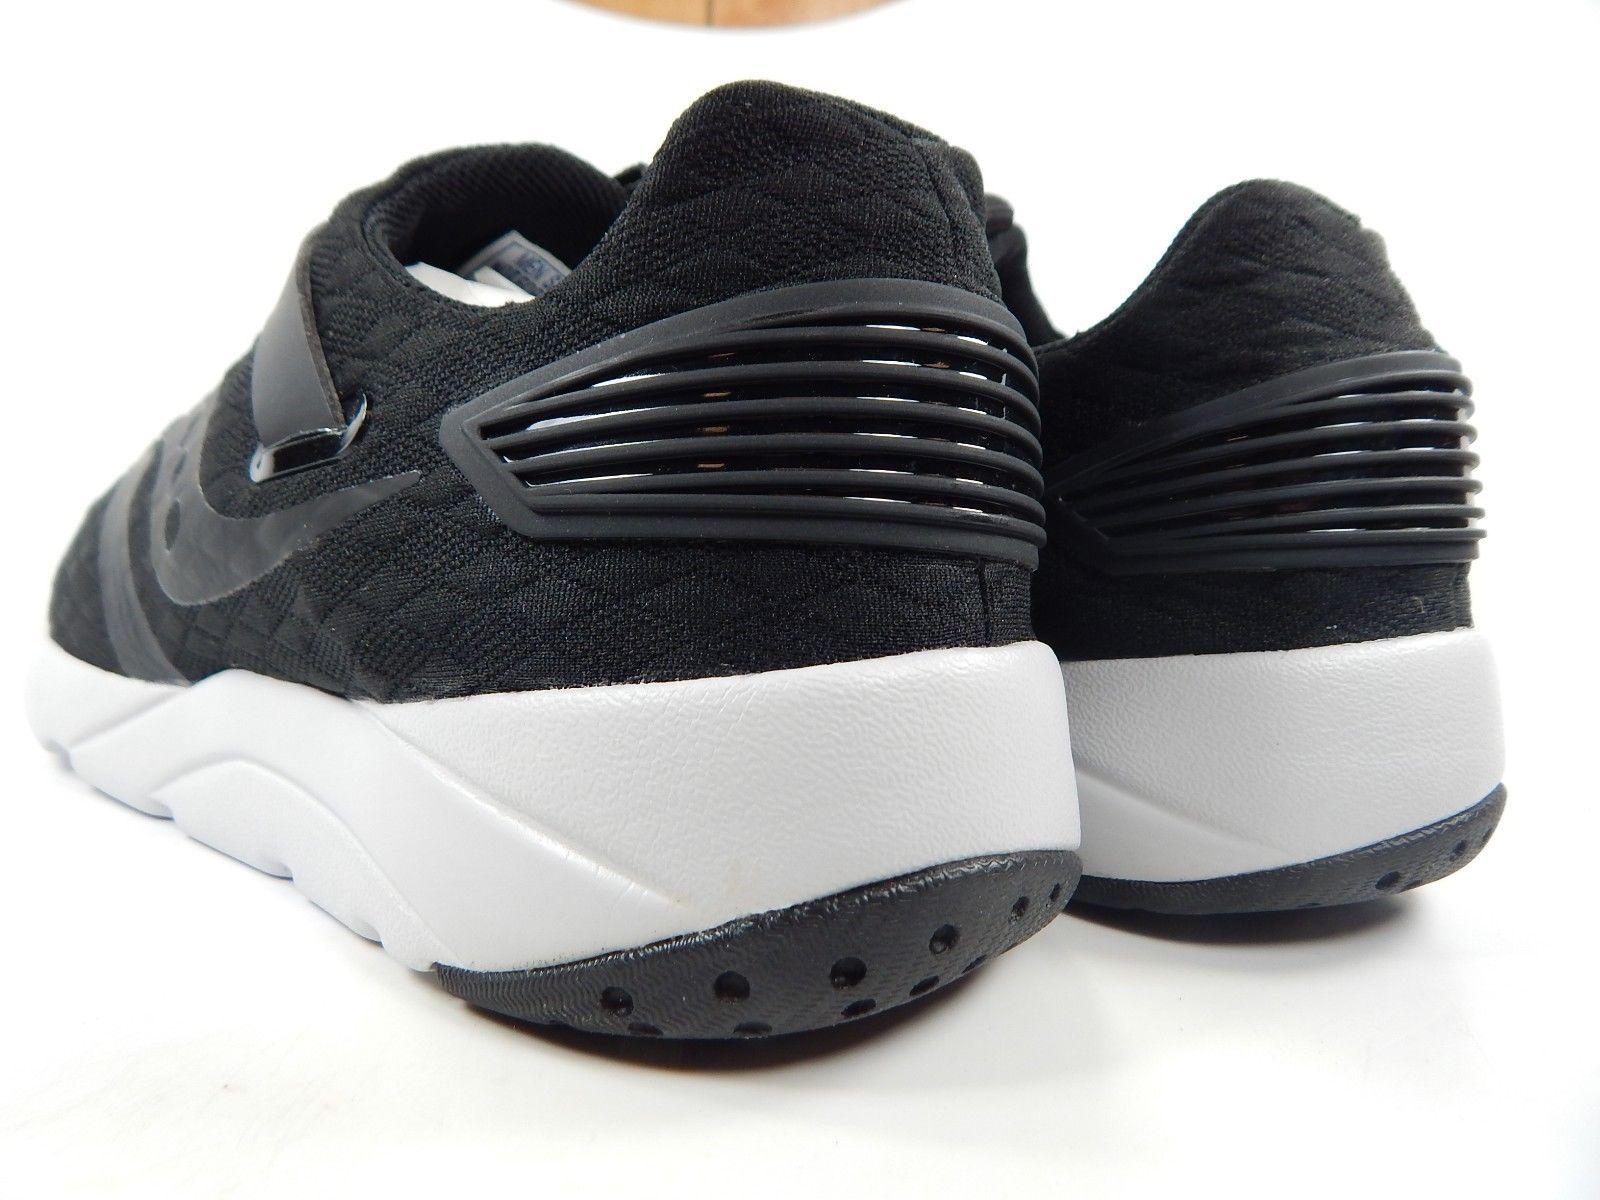 Saucony Grid 9000 MOD Original Running Shoes Men's Size 9 M EU 42.5 S40014-3